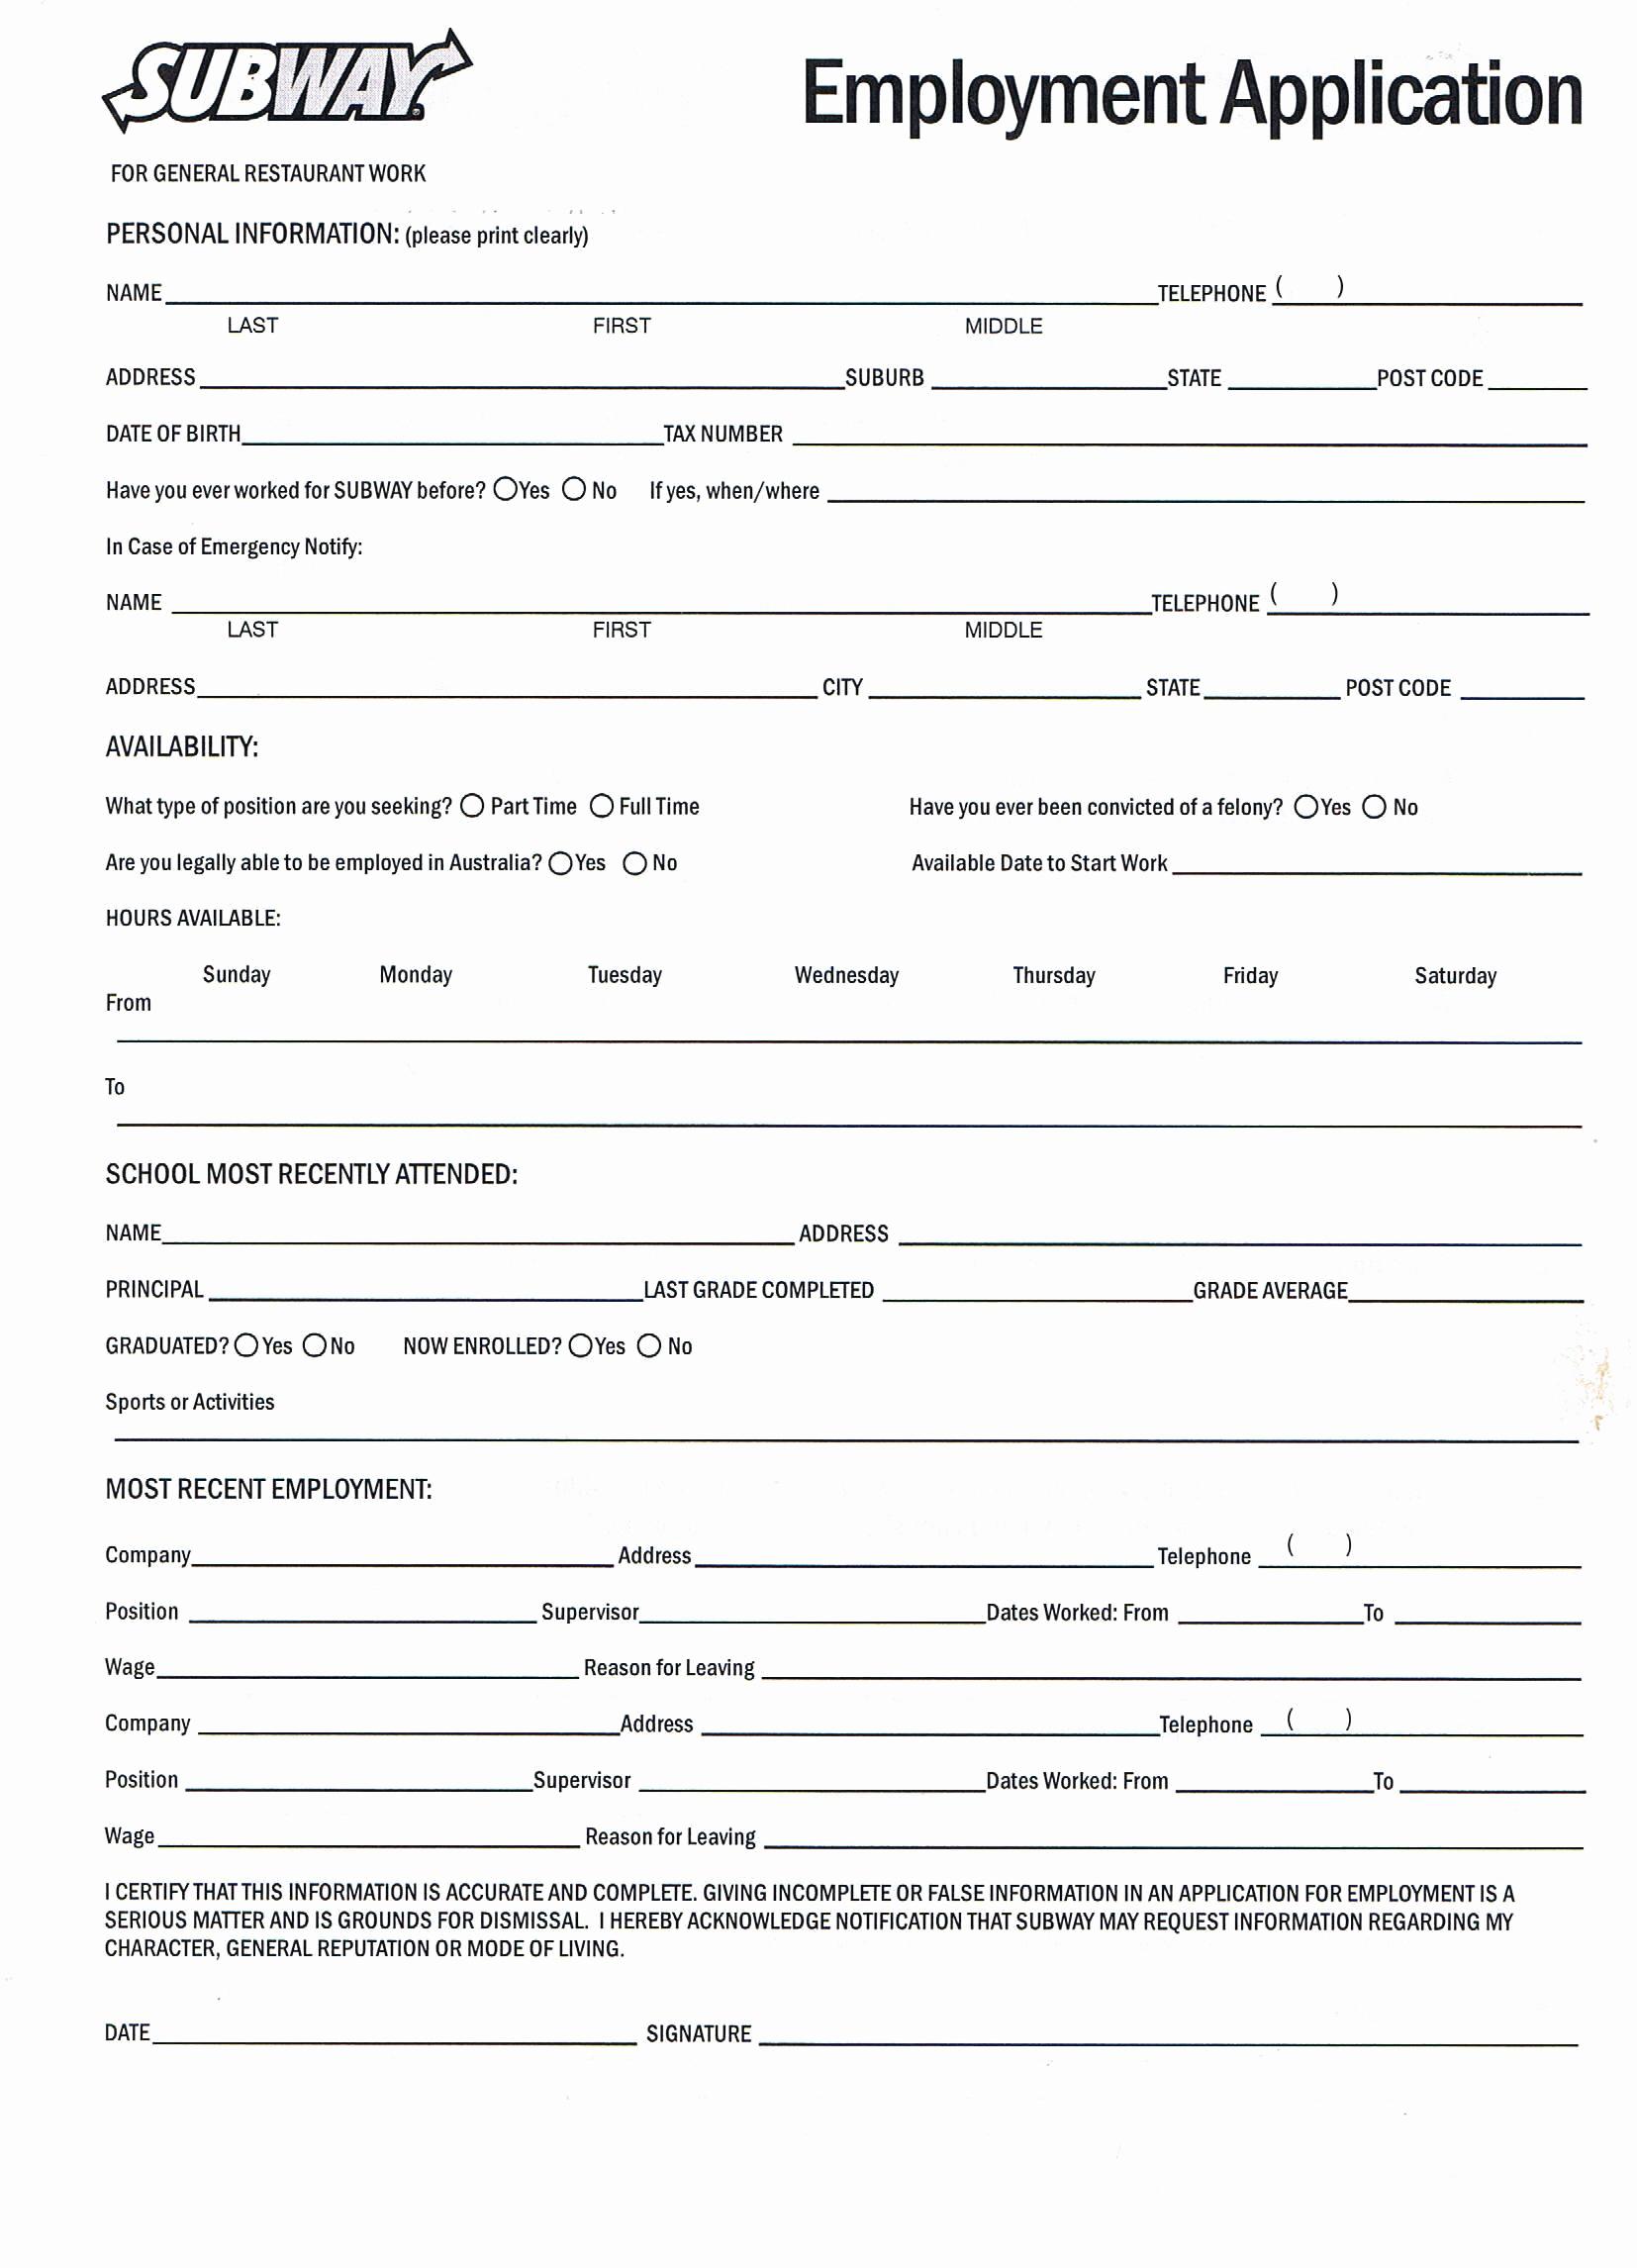 Sample Job Application form Awesome Printable Job Application forms Online forms Download and